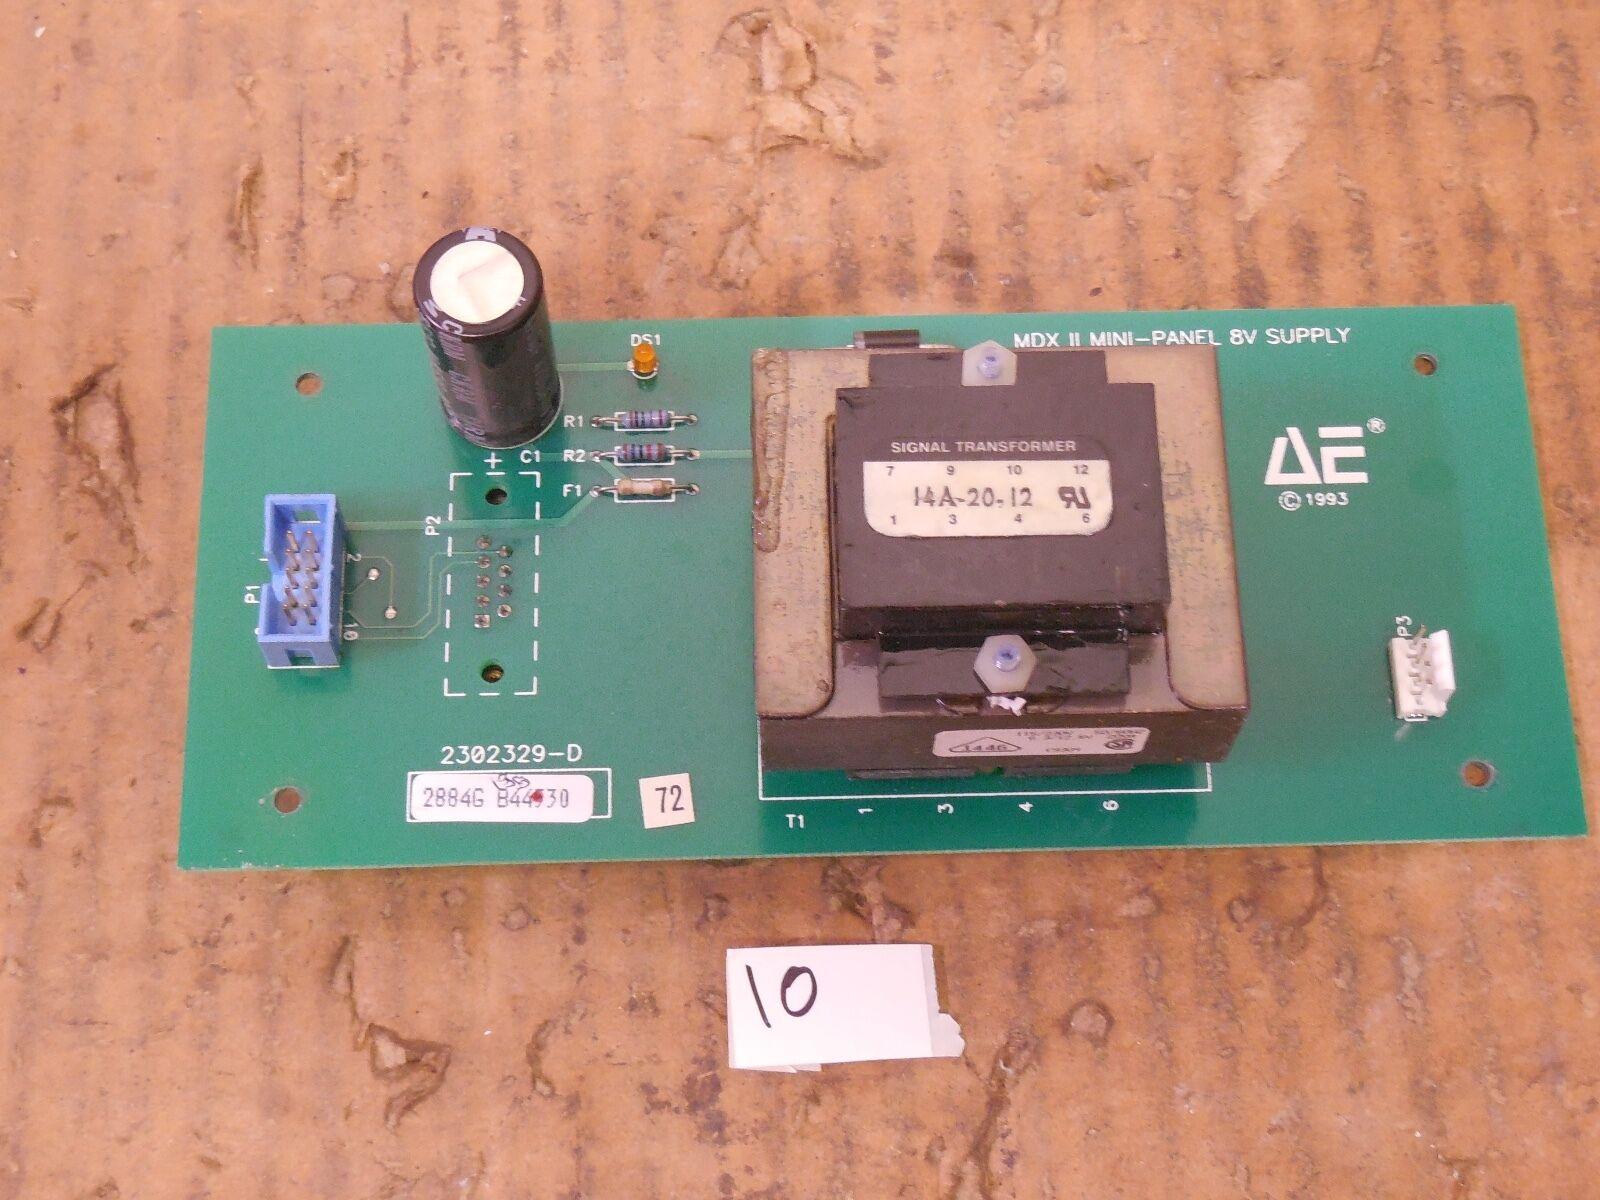 AE ADVANCED ENERGY MDX II MINI-PANEL 8V SUPPLY BOARD 2302329-D